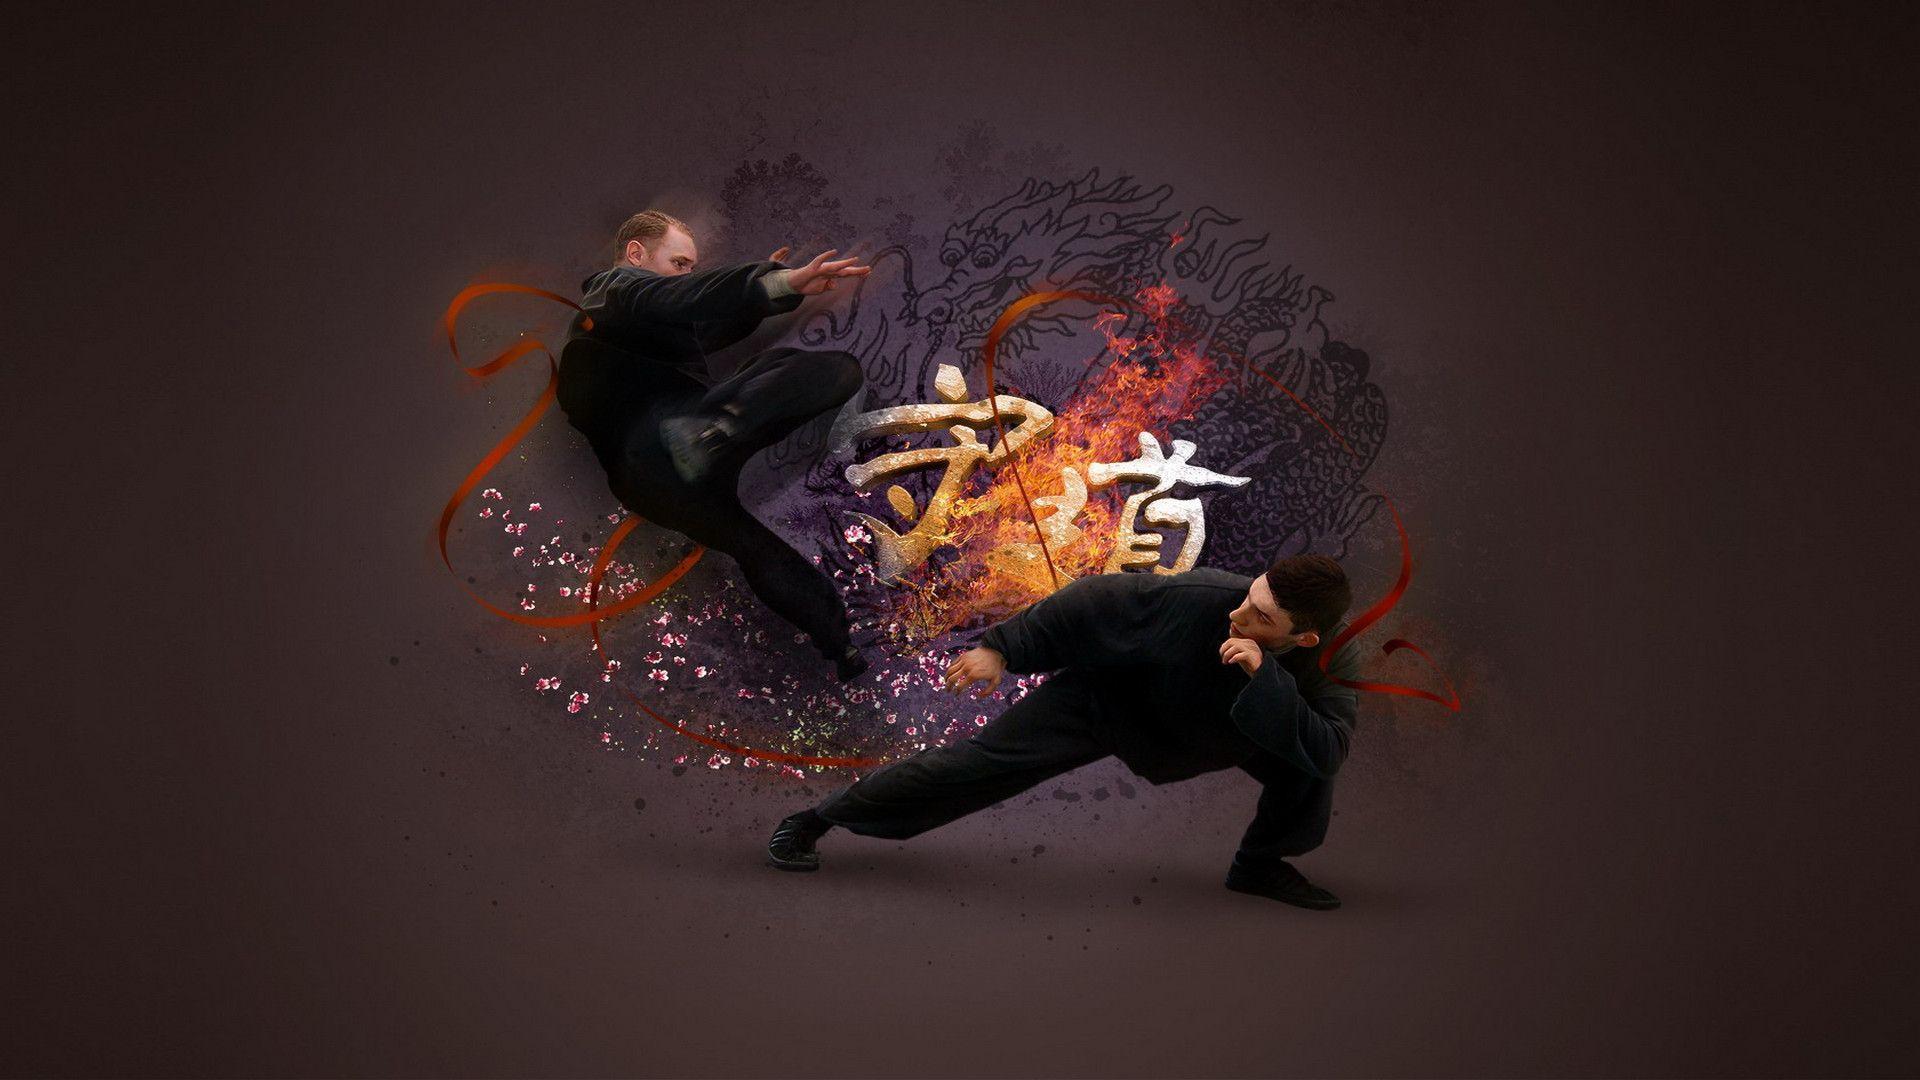 Martial arts wallpapers wallpaper cave - M416 wallpaper ...